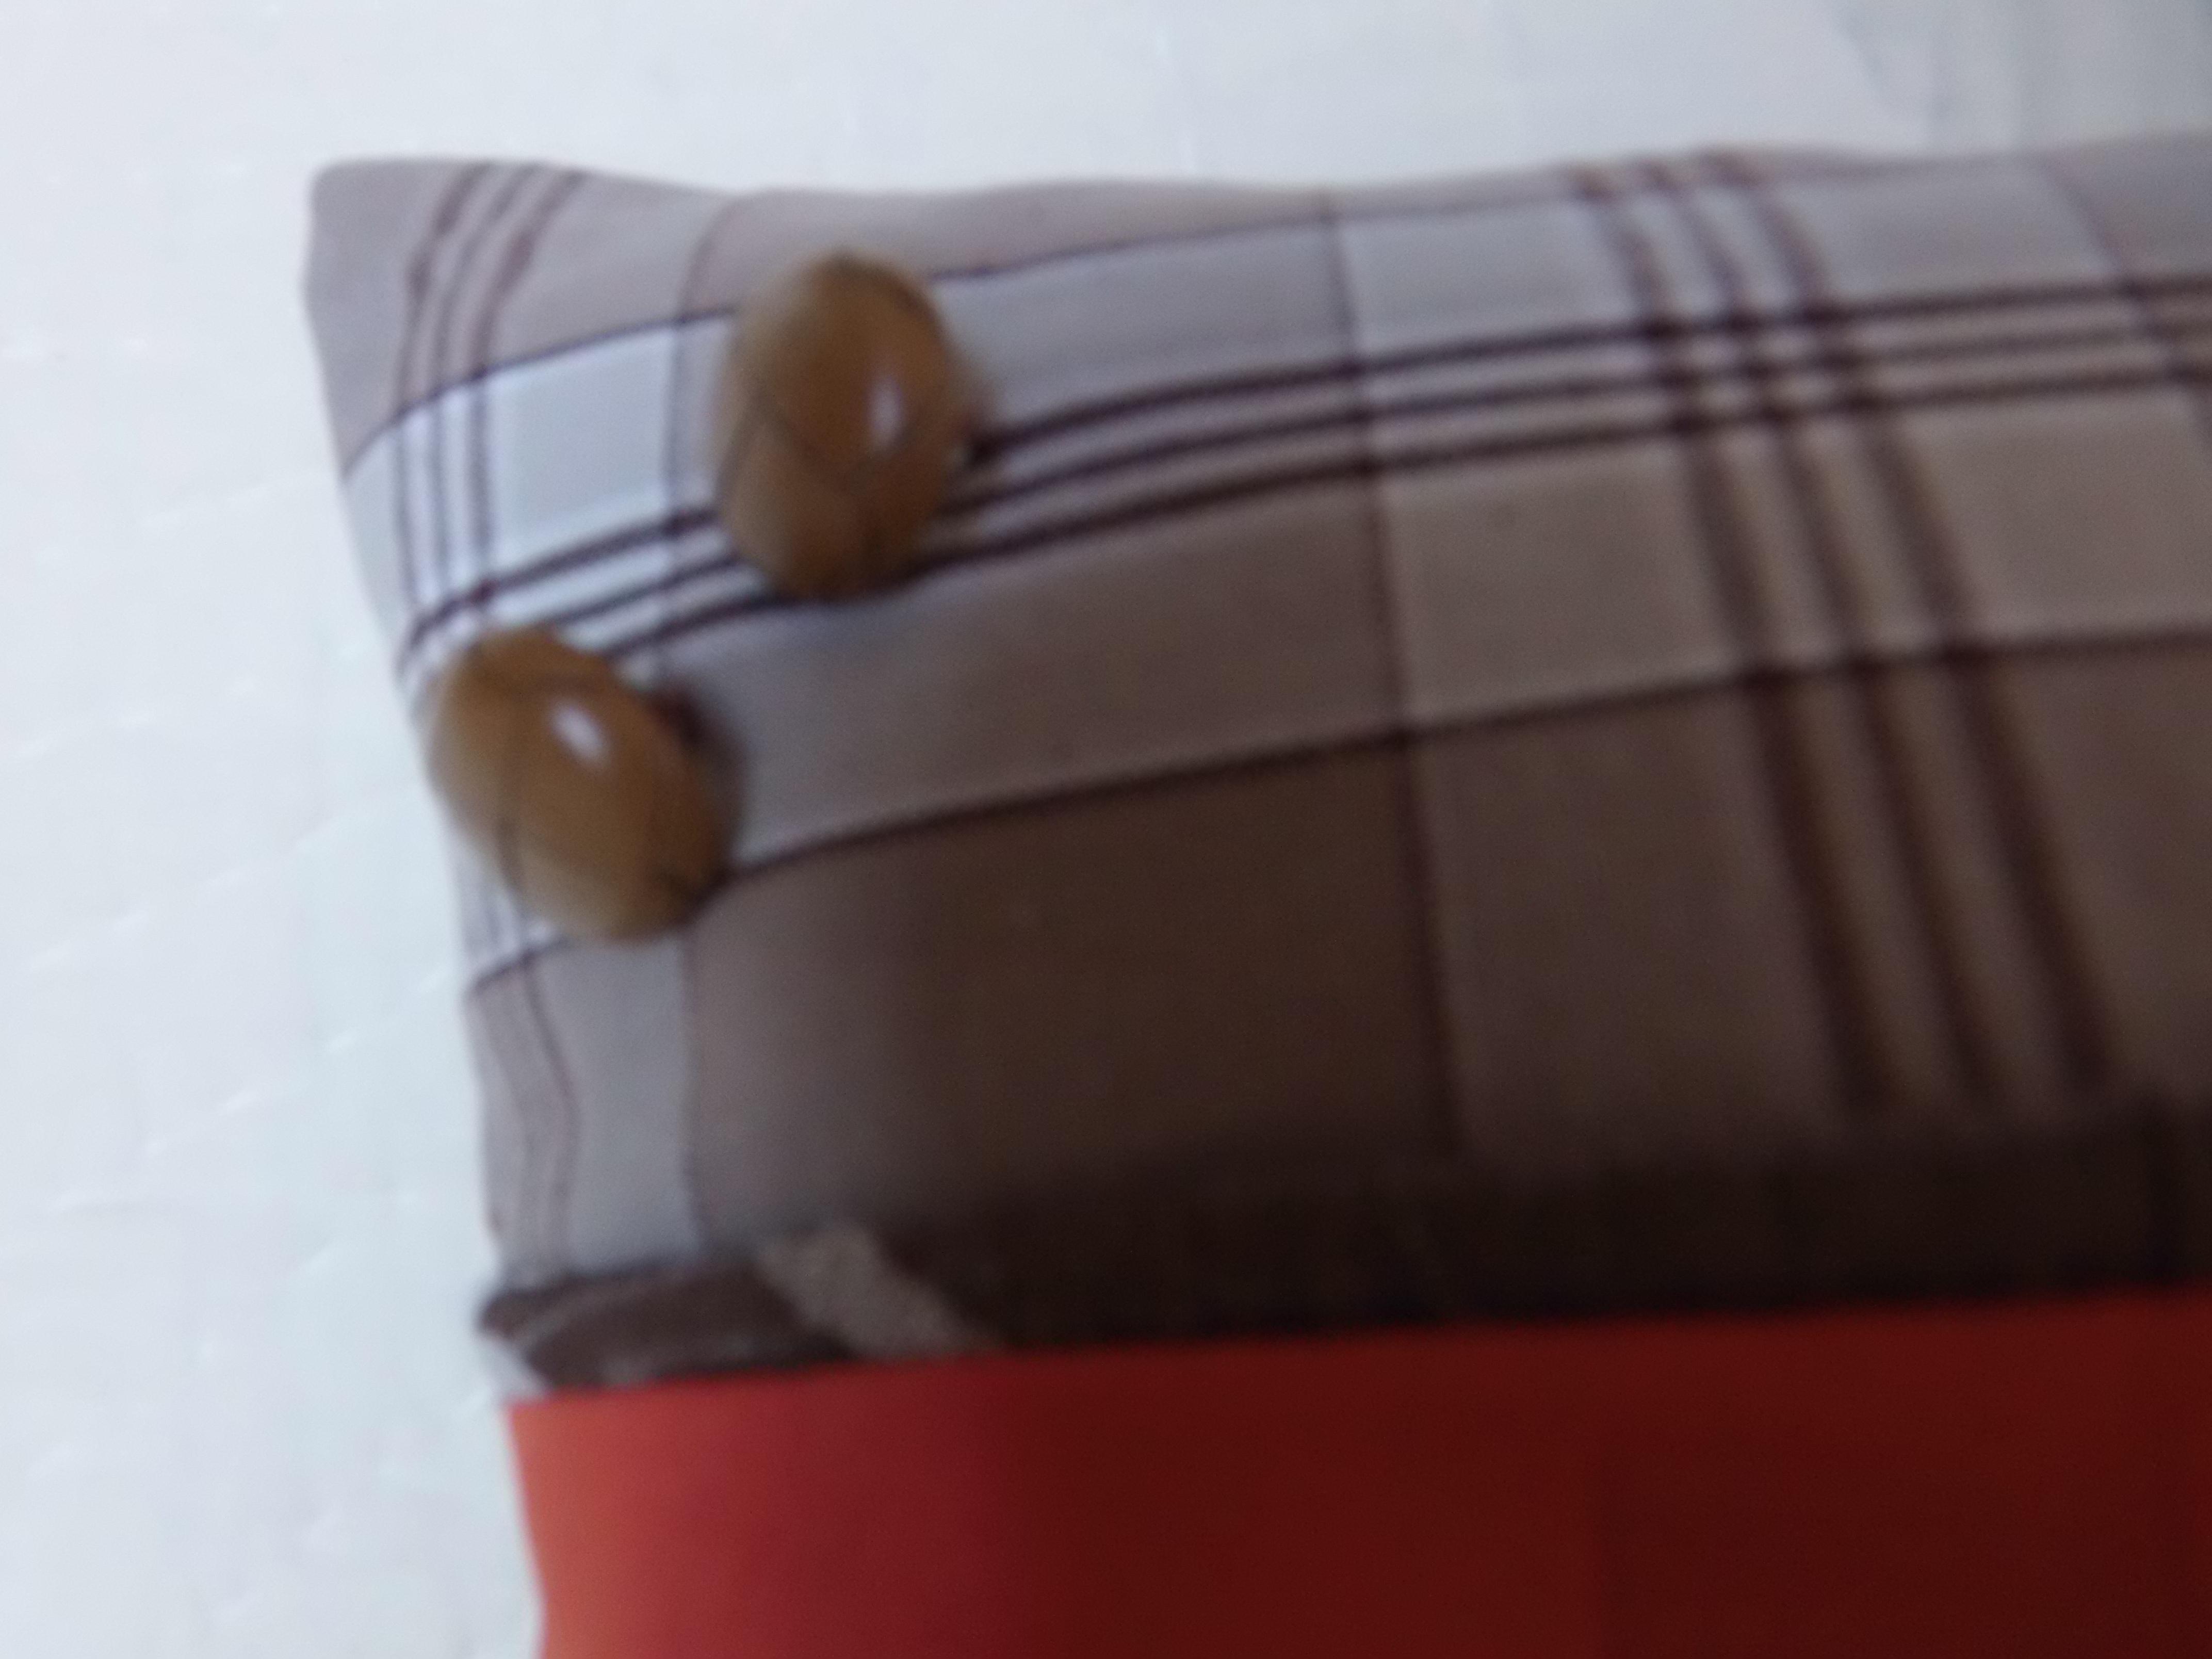 coussin boutons patchwork 40x40 mod le aristolochia maison et deco textiles tapis par 22atelier27. Black Bedroom Furniture Sets. Home Design Ideas